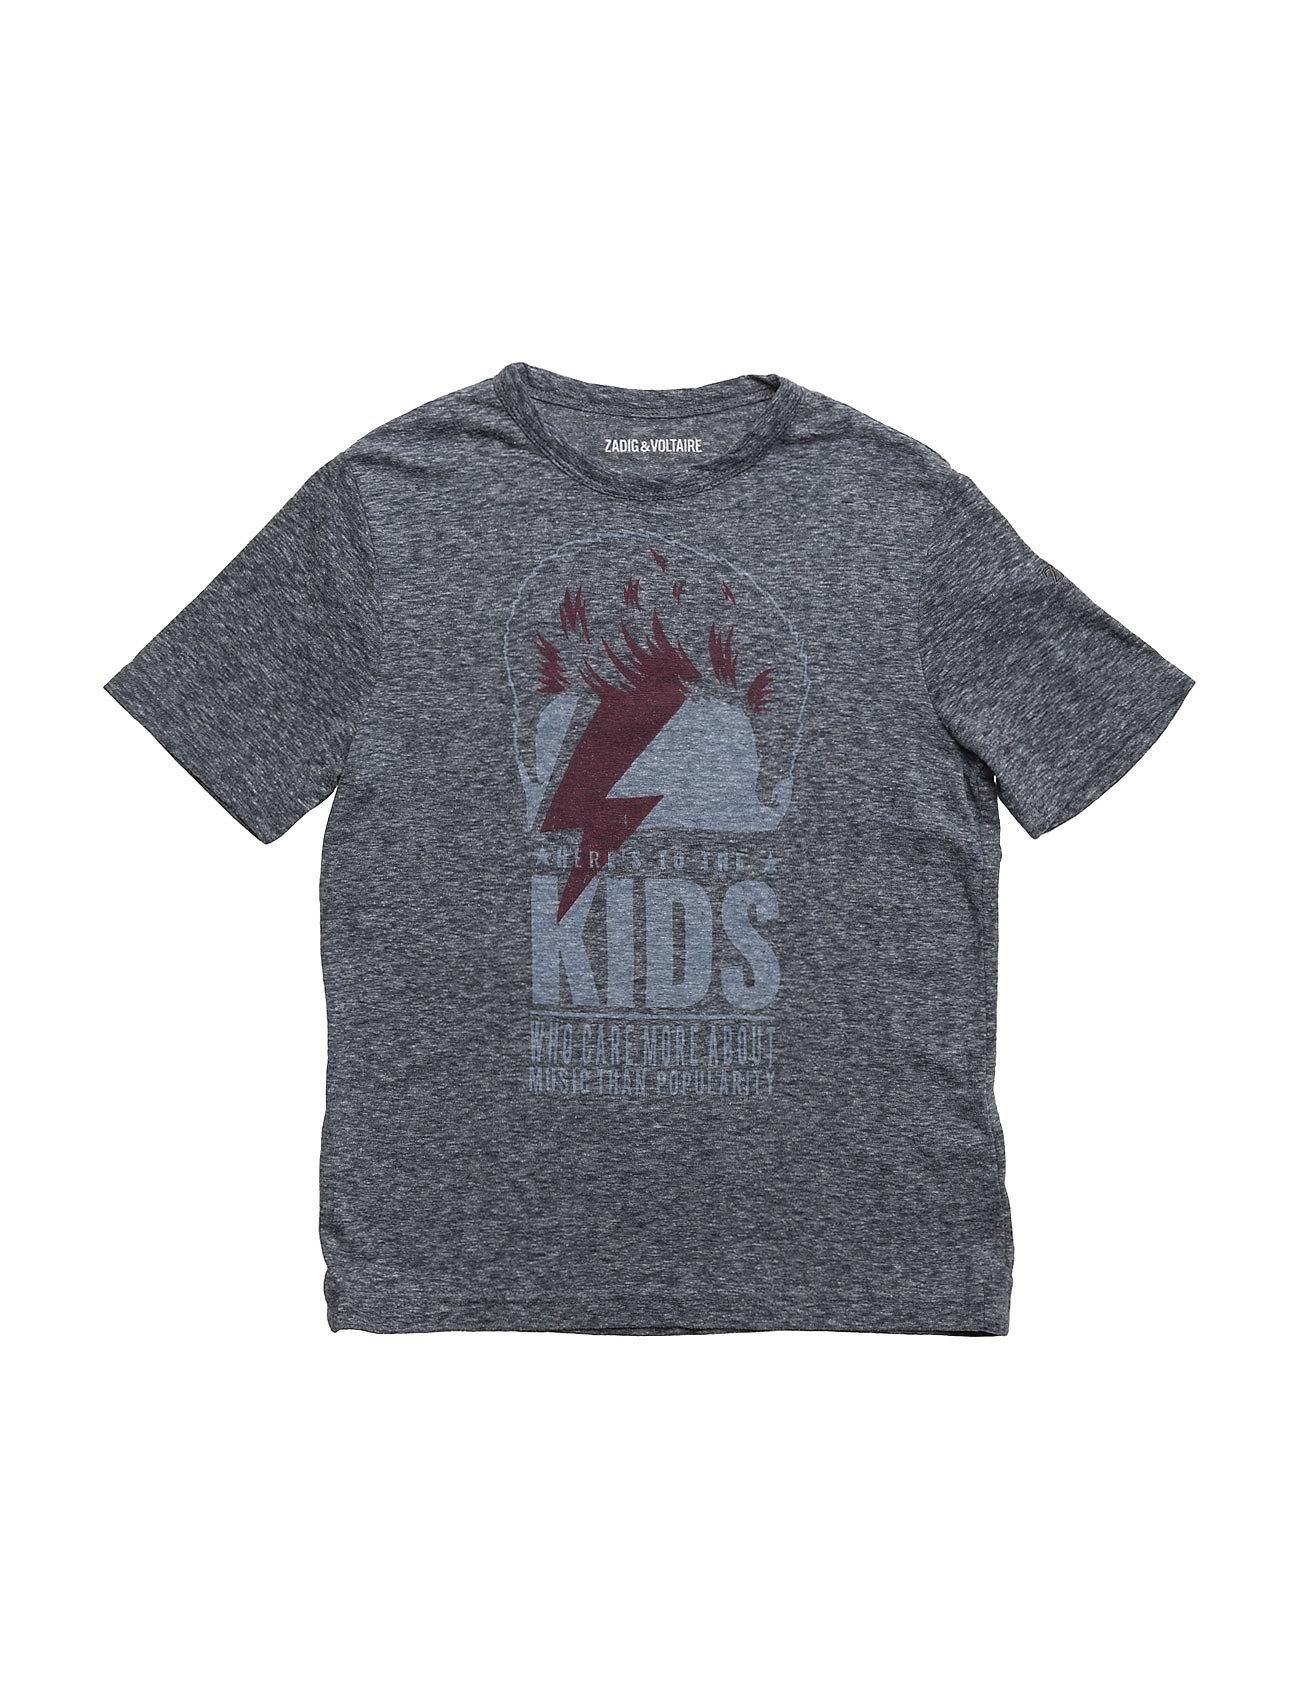 zadig & voltaire – Short sleeves tee-shirt på boozt.com dk